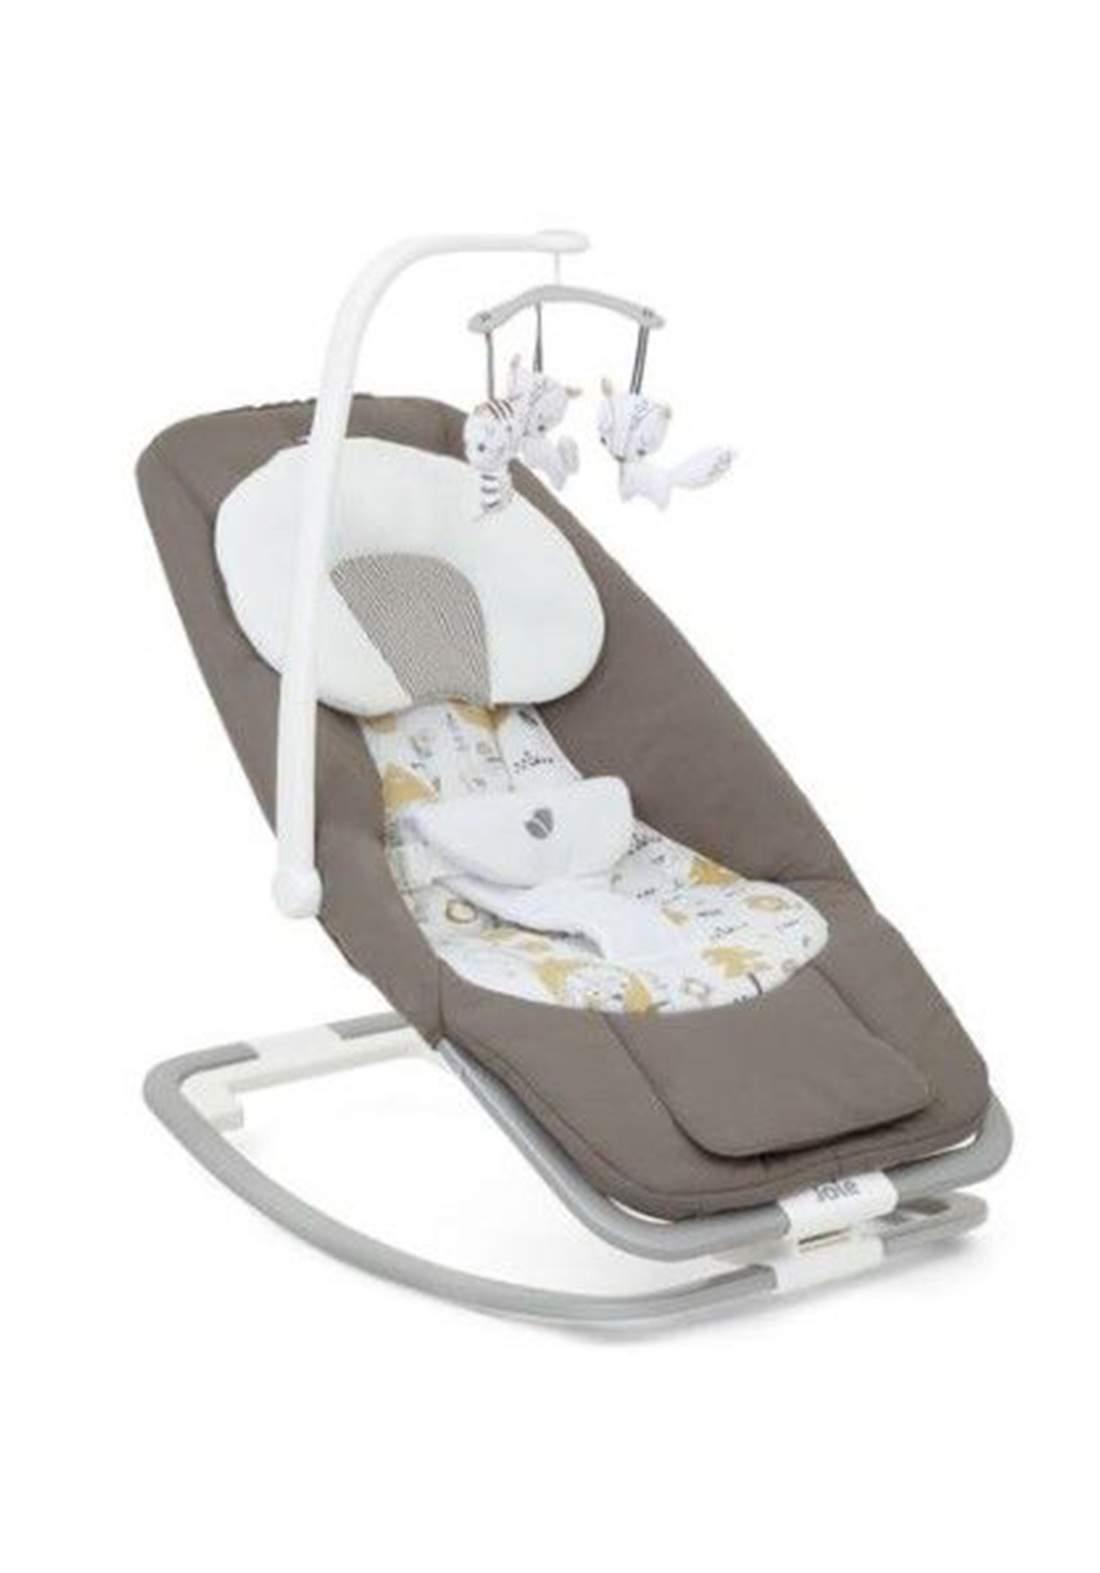 كرسي هزاز للاطفال 3.6 كغم Joie Baby B1207BACOZ000 Baby Swivel Seats